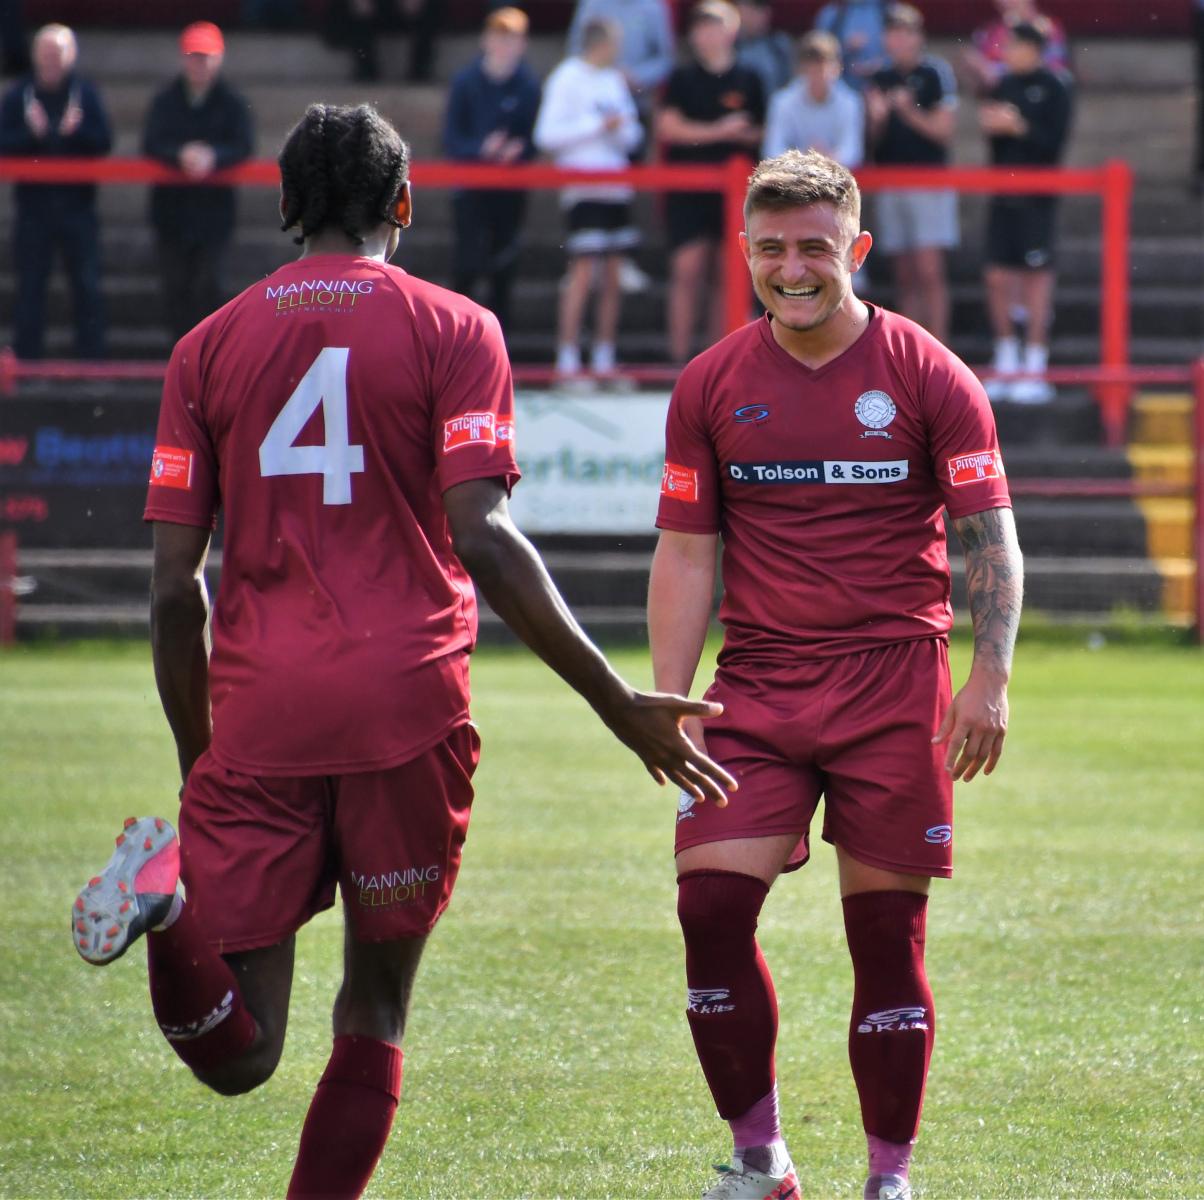 Dav-Symington-celebrates-his-goal-Ben-Challis